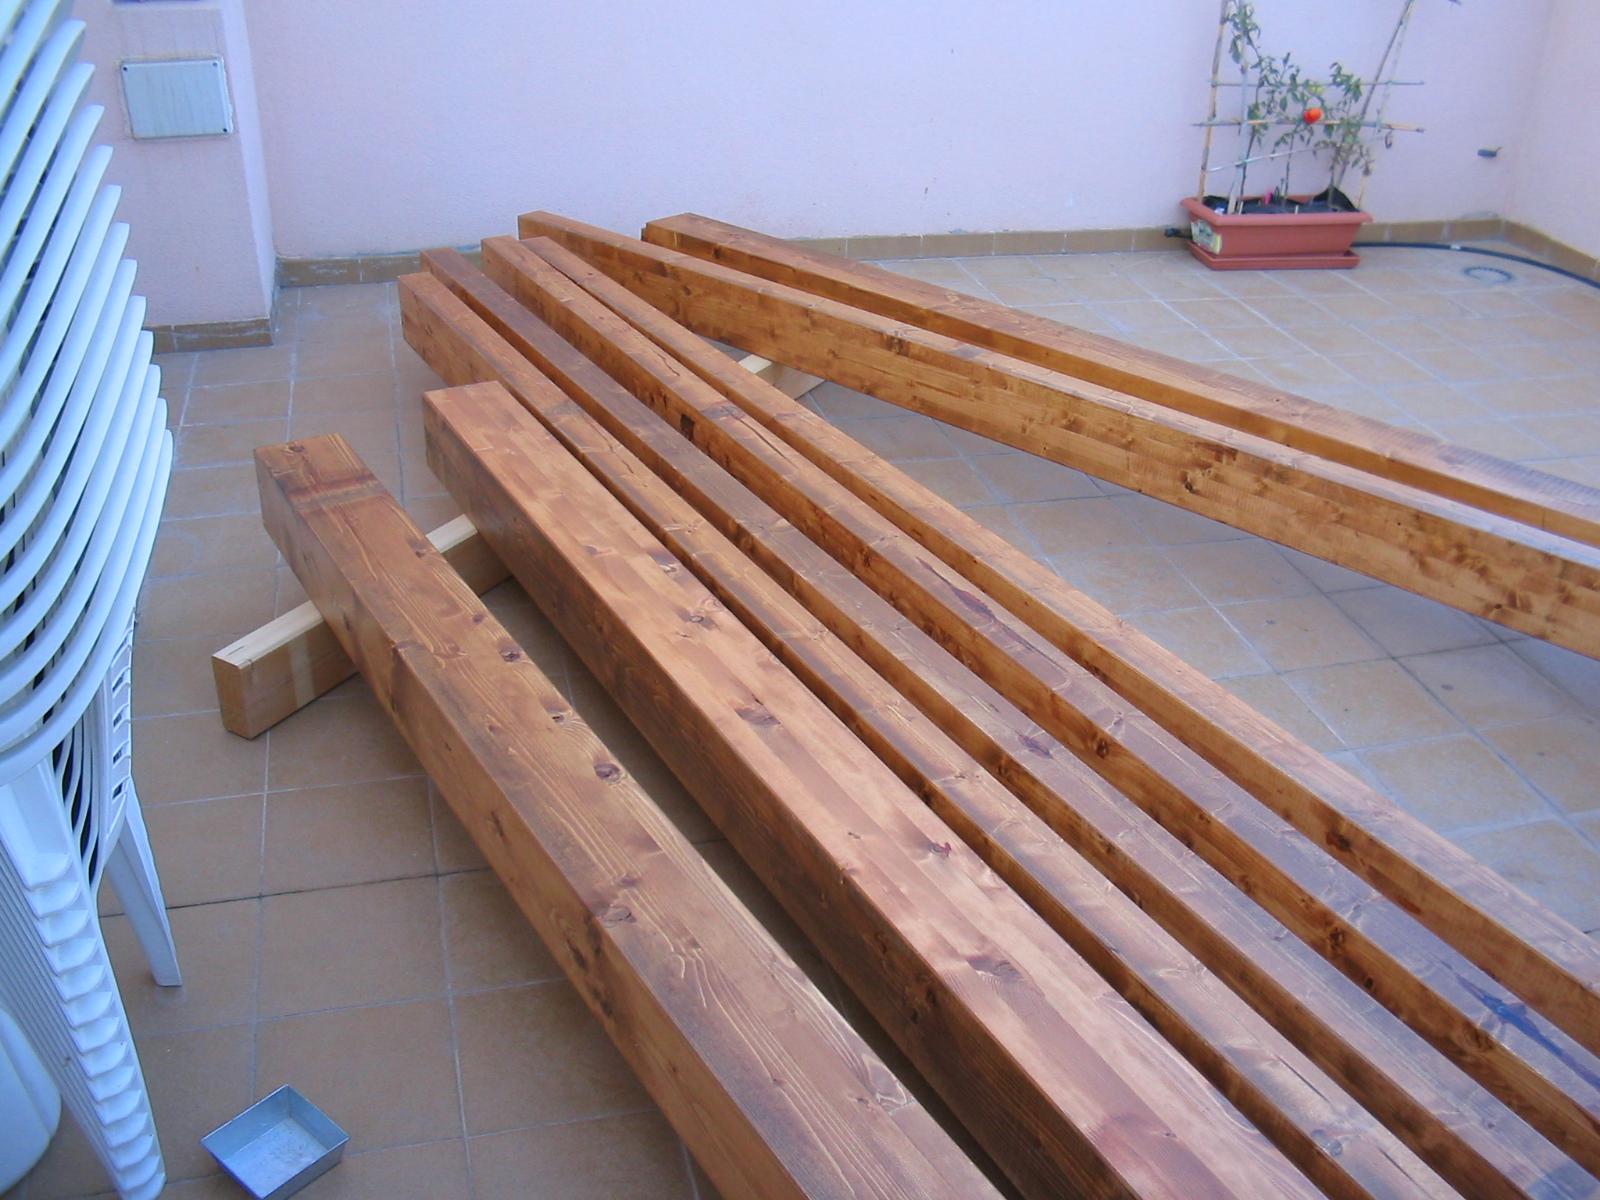 Como hacer una pergola de madera paso a paso taringa - Construir una pergola de madera ...